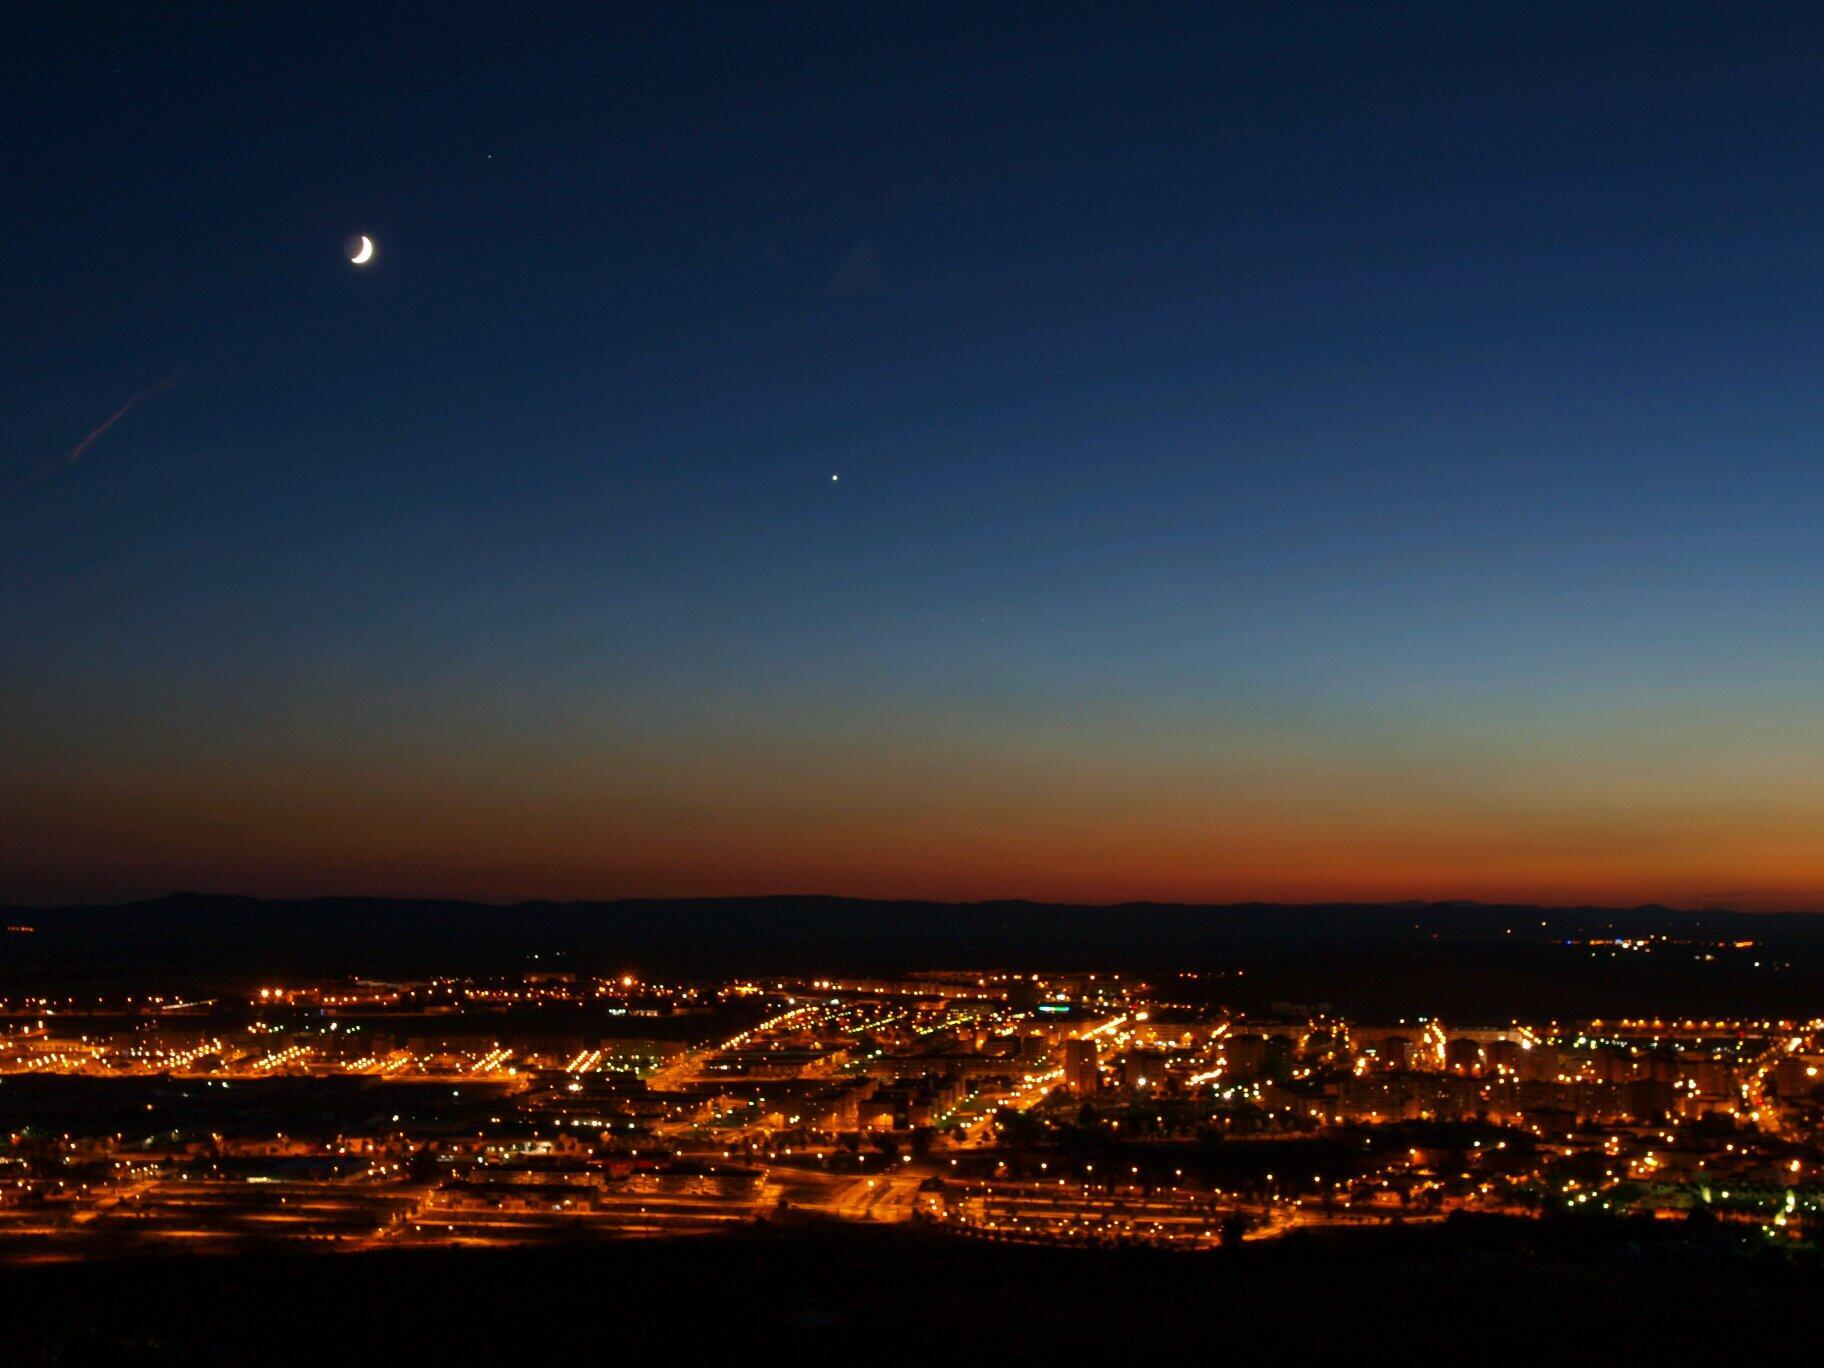 RT @juanjoadr: La Luna, Venus (centro), y Saturno (arriba muy cerca de luna) desde Caceres @El_Universo_Hoy @Imagenes_Es @apod http://t.co/A0xmNtCyCK